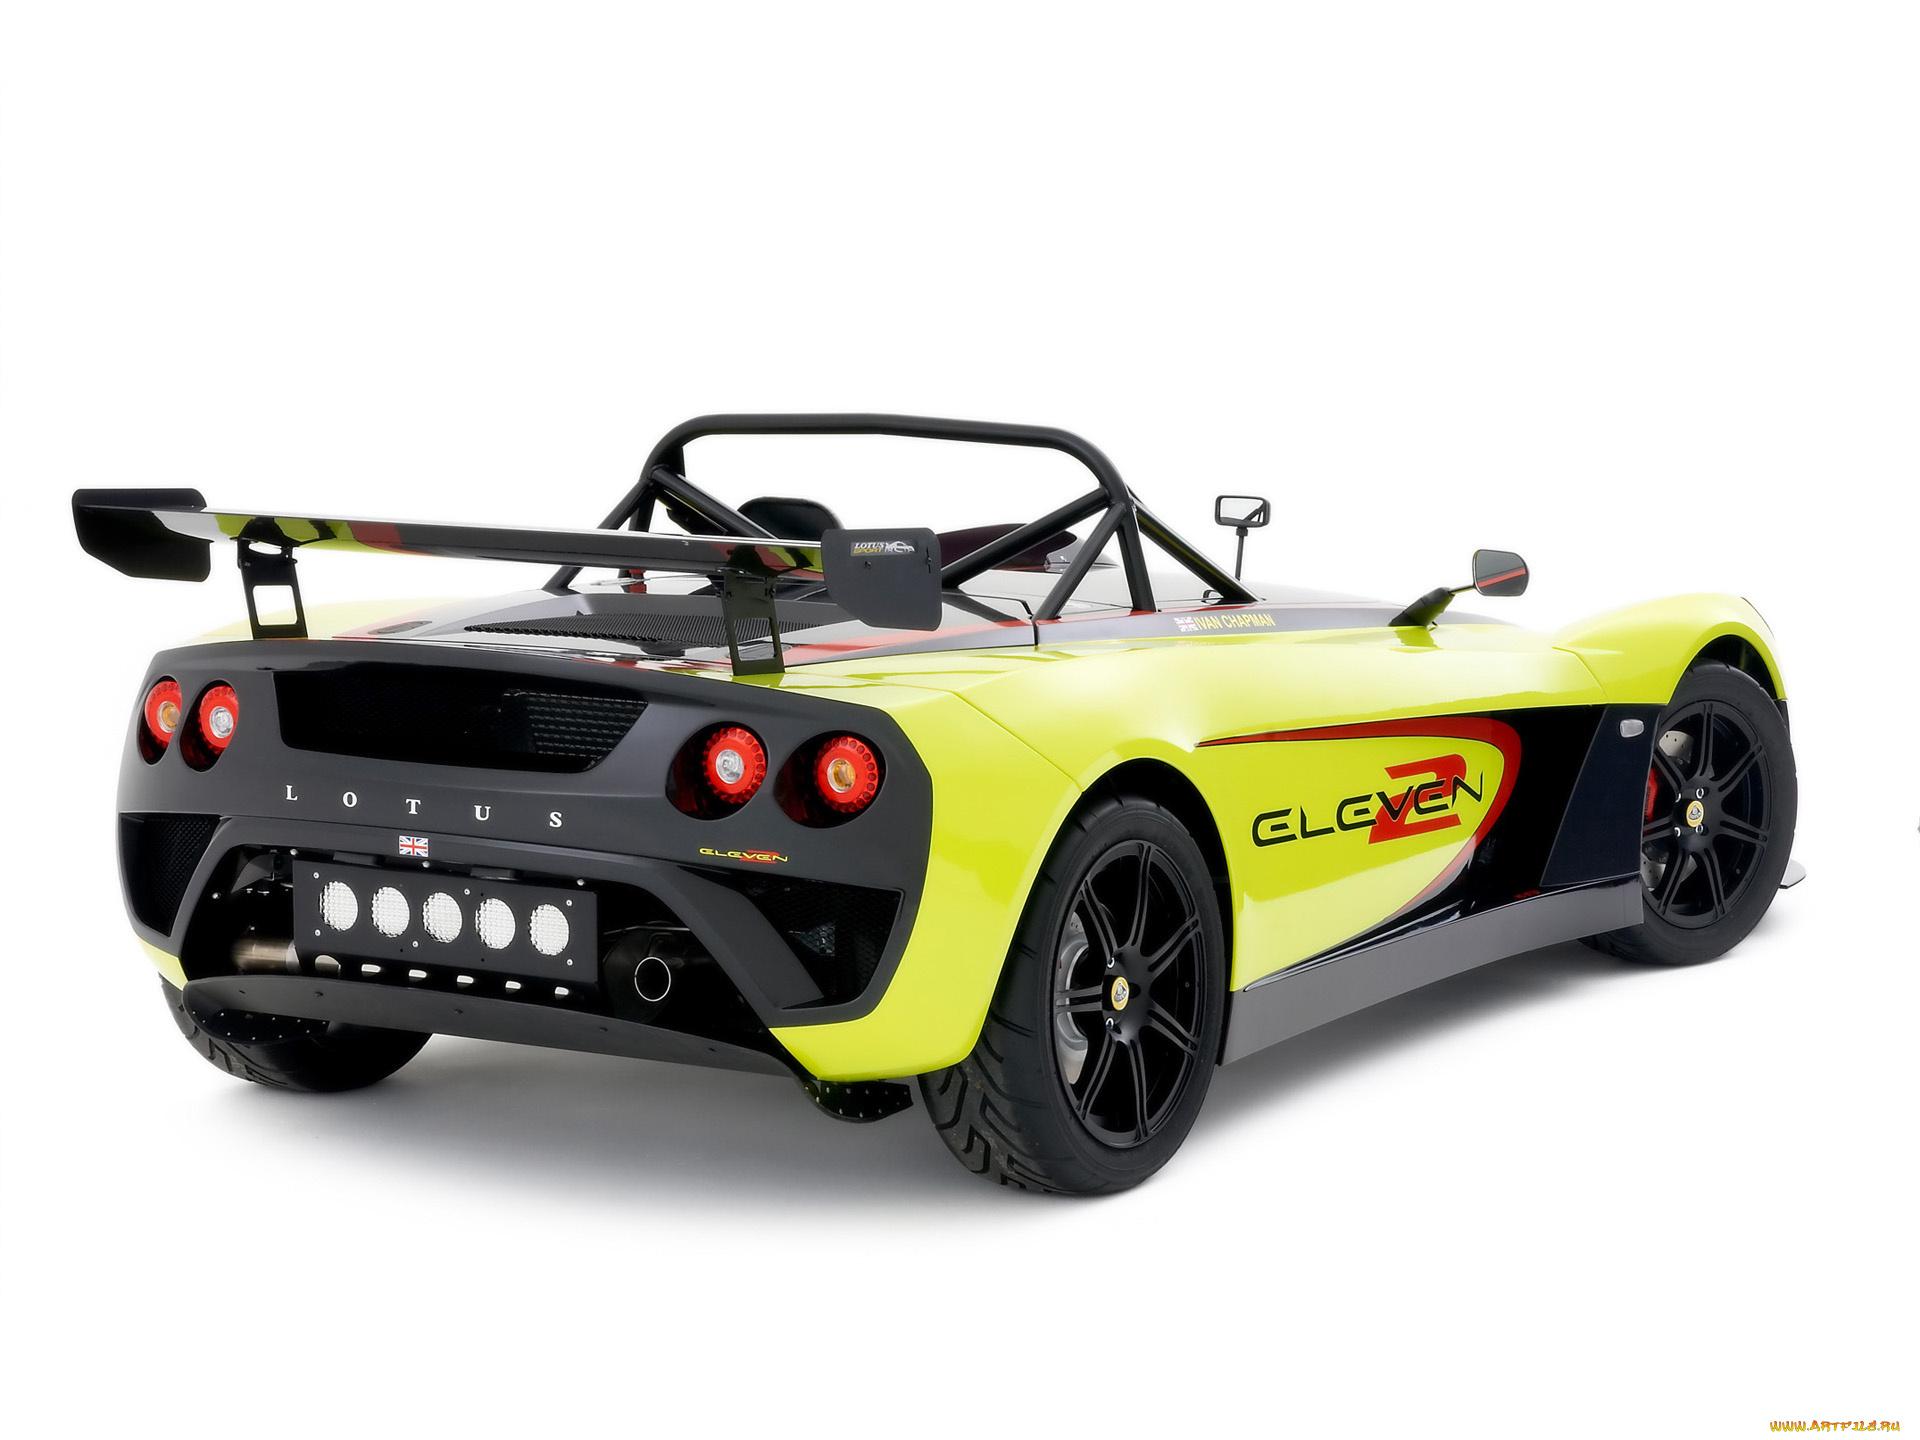 спортивный автомобиль lotus 3 eleven sports car без смс